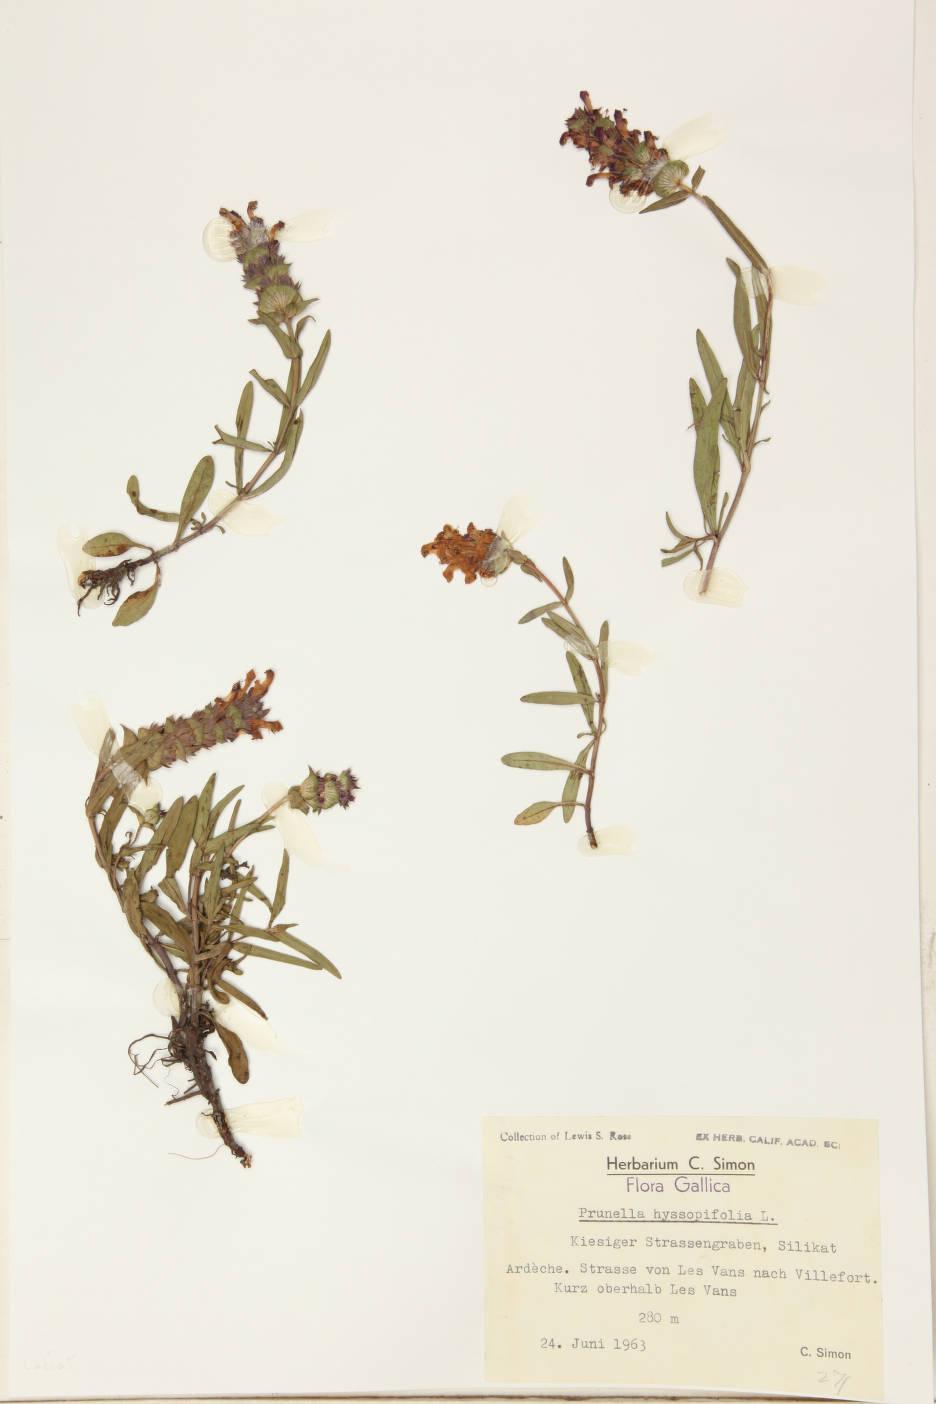 Image of Prunella hyssopifolia